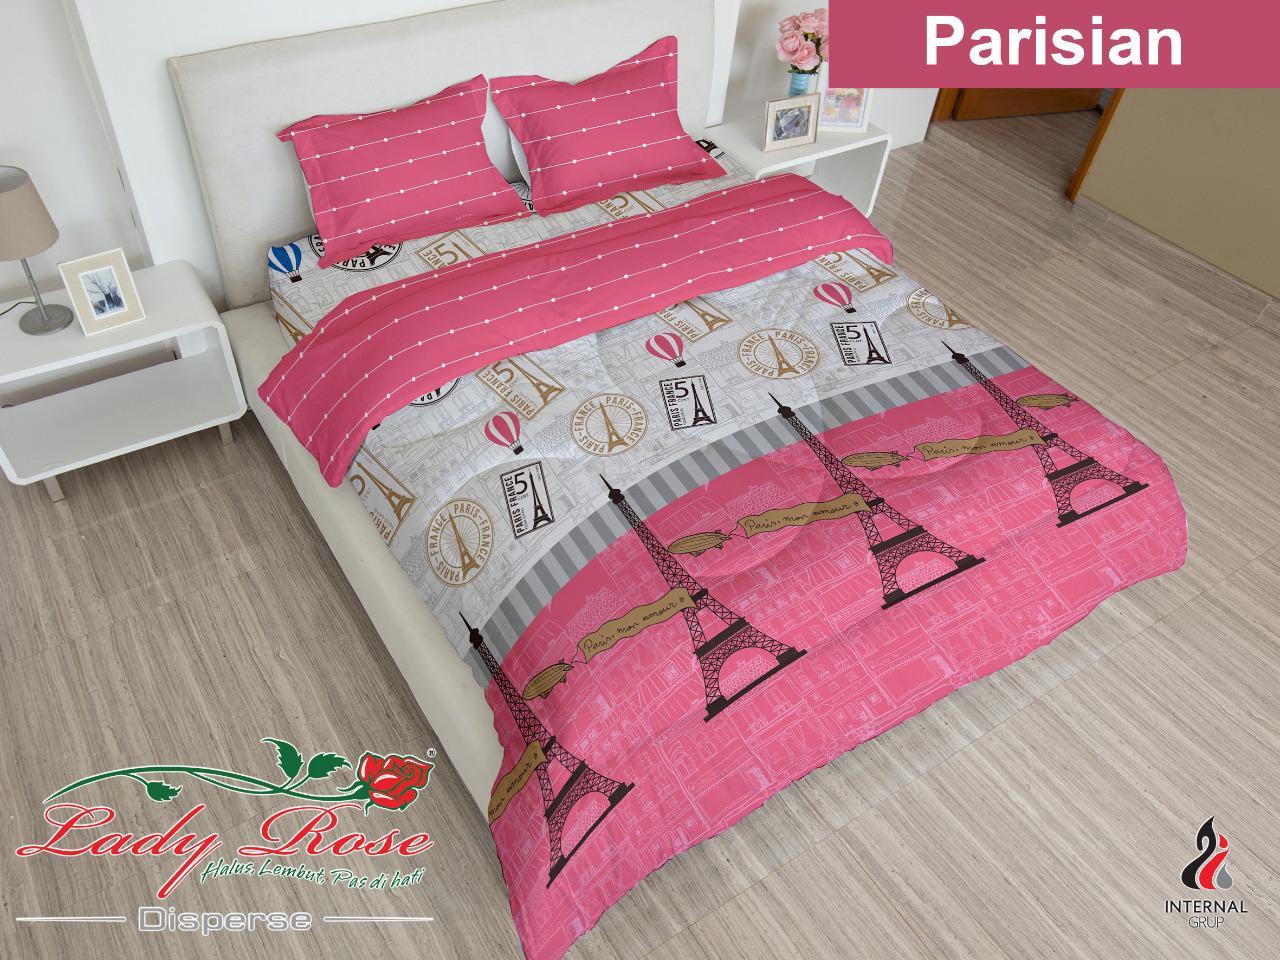 Bed cover LADY ROSE motif PARISIAN King Size 180 x 200 cm eiffel tower paris romantic